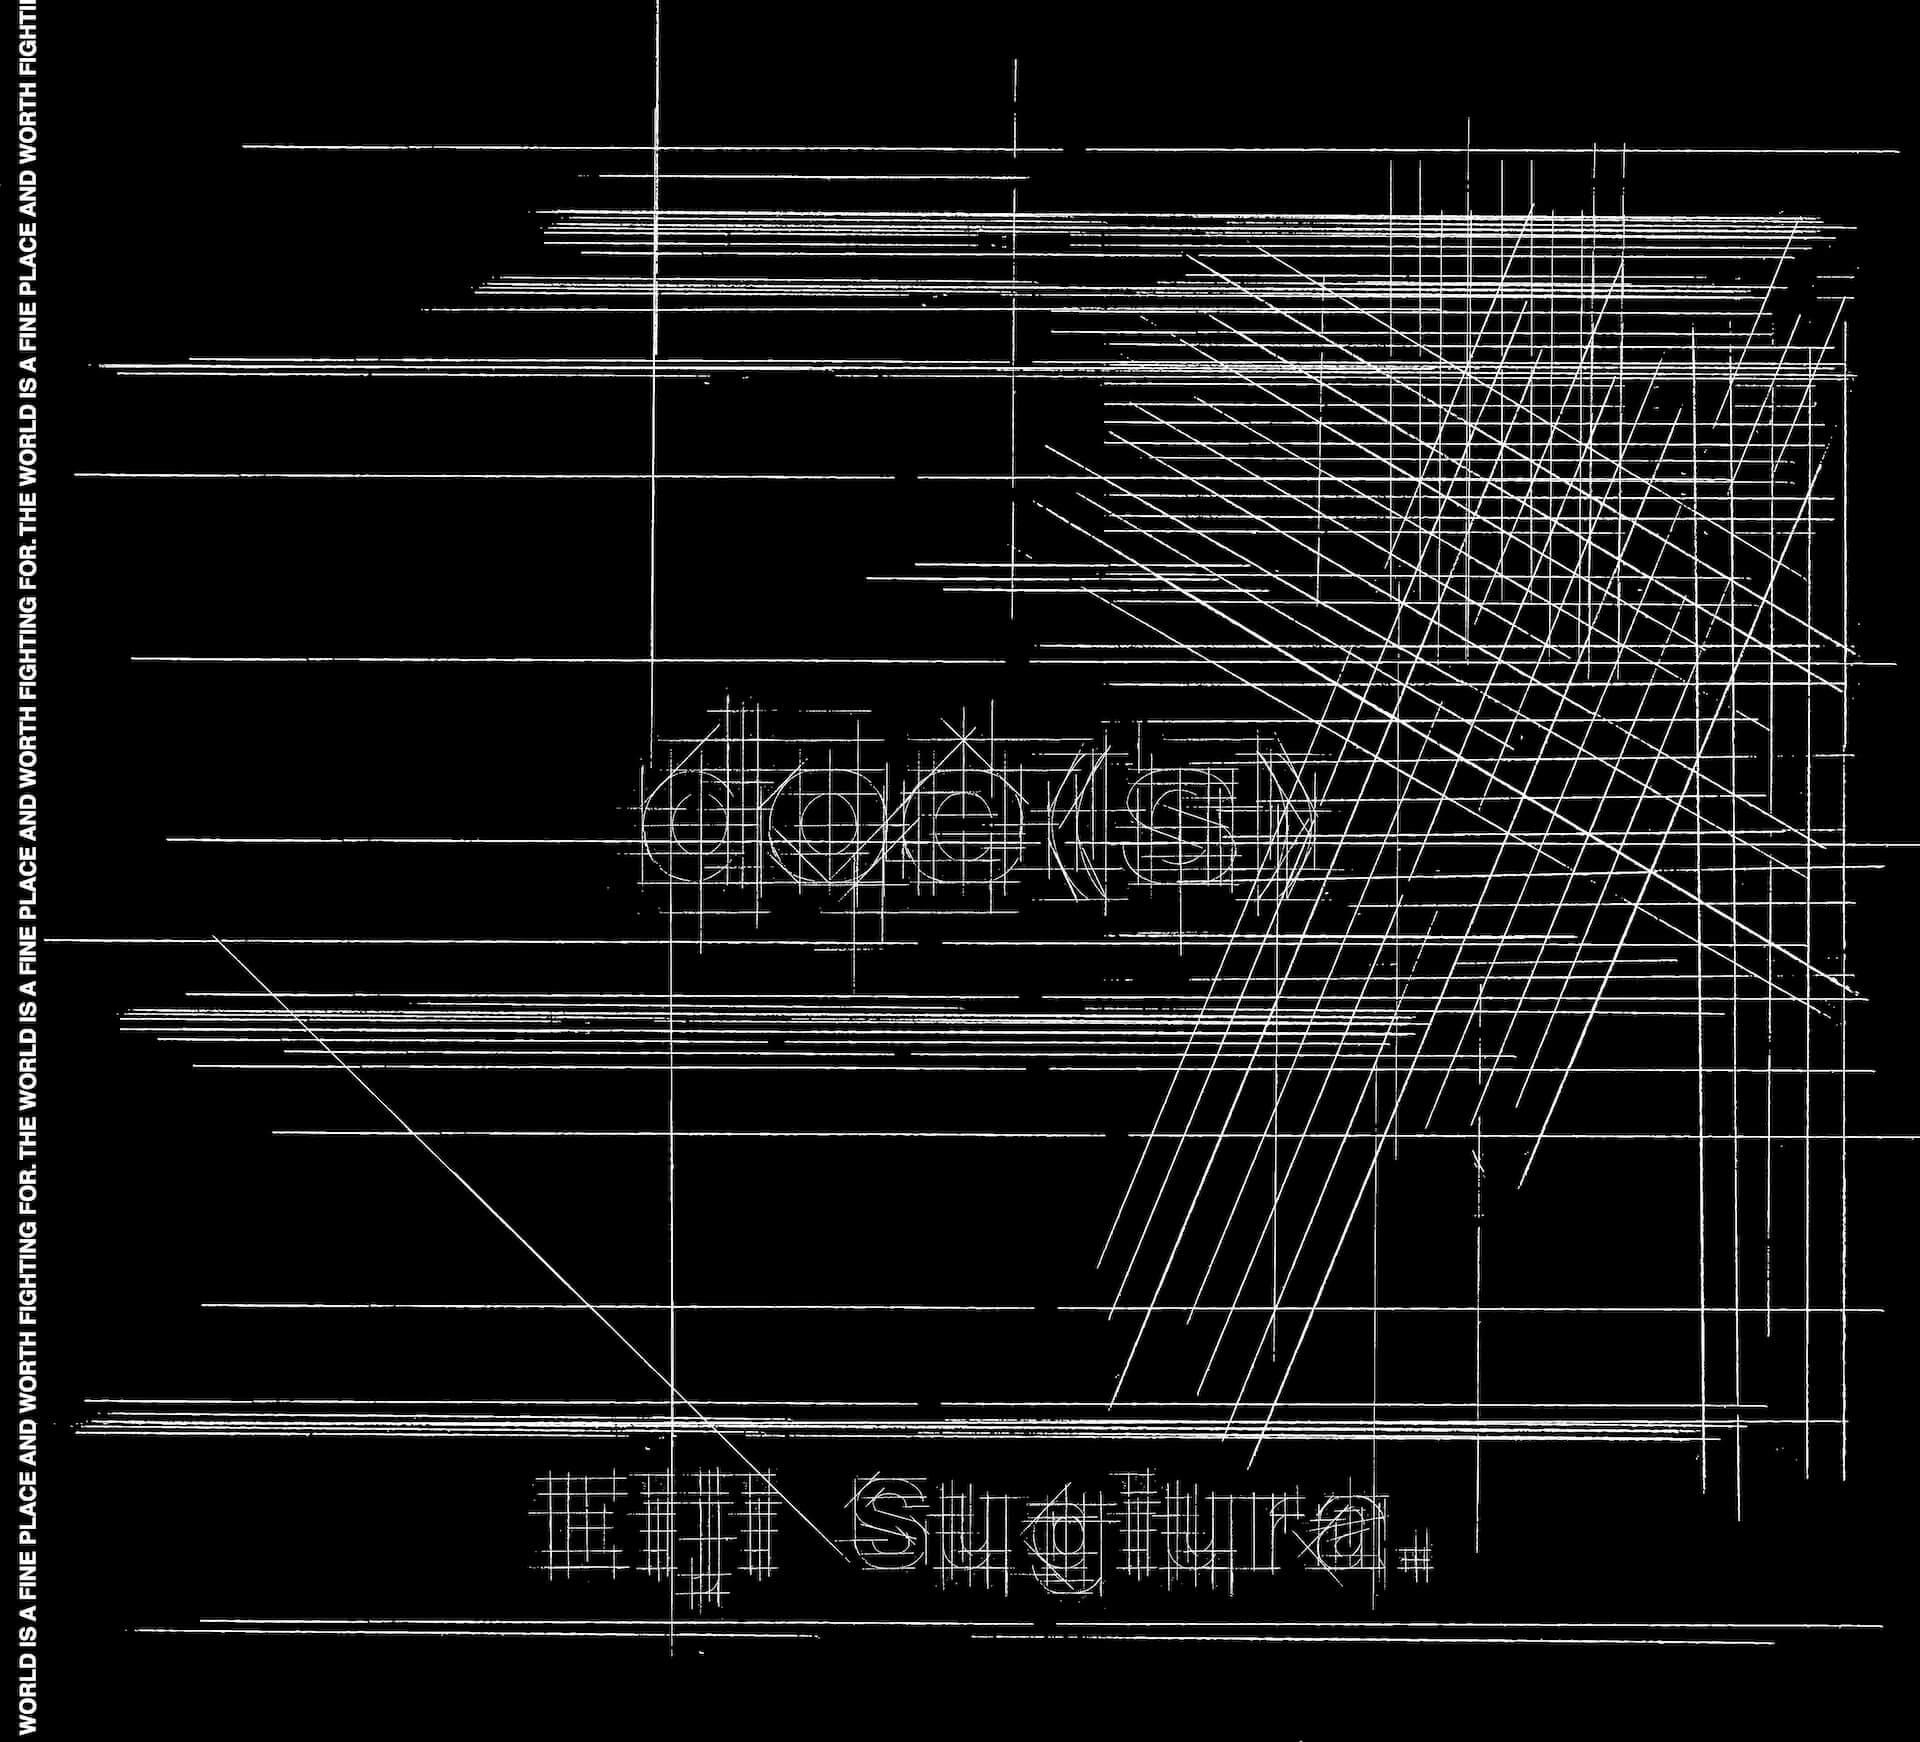 THE ALEXX・Eiji Sugiuraが初のソロアルバム『doe(s)』を発売決定!アートワーク担当はTakahiro Miyashita music210312_eiji-sugiura_2-1920x1742